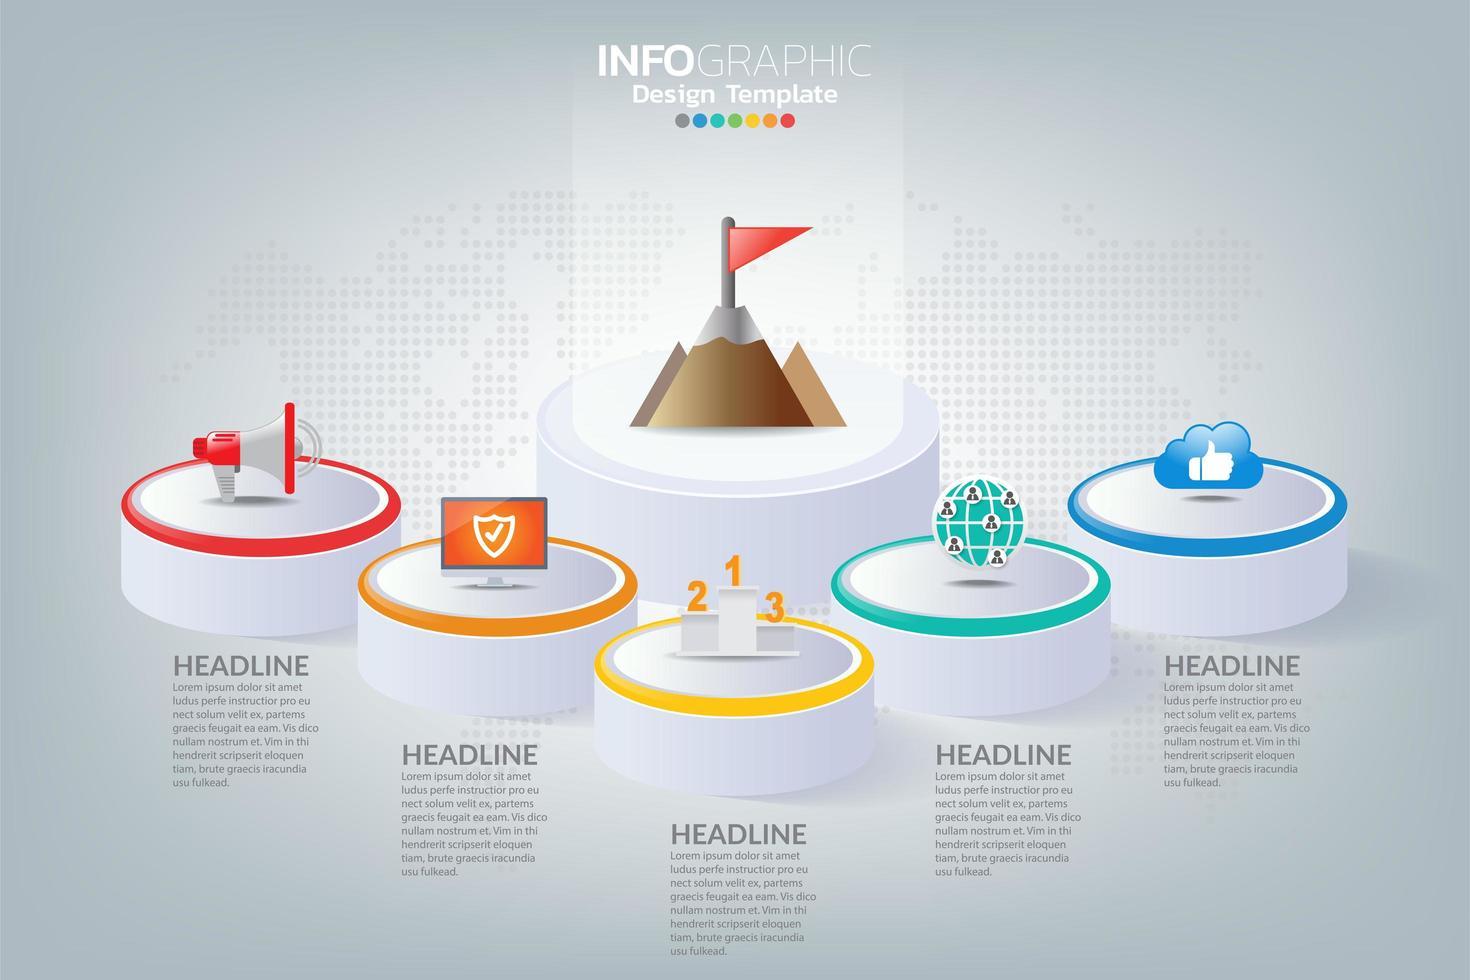 zakelijke infographic tijdlijn hoe u succes kunt hebben met opties en pictogrammen. vector